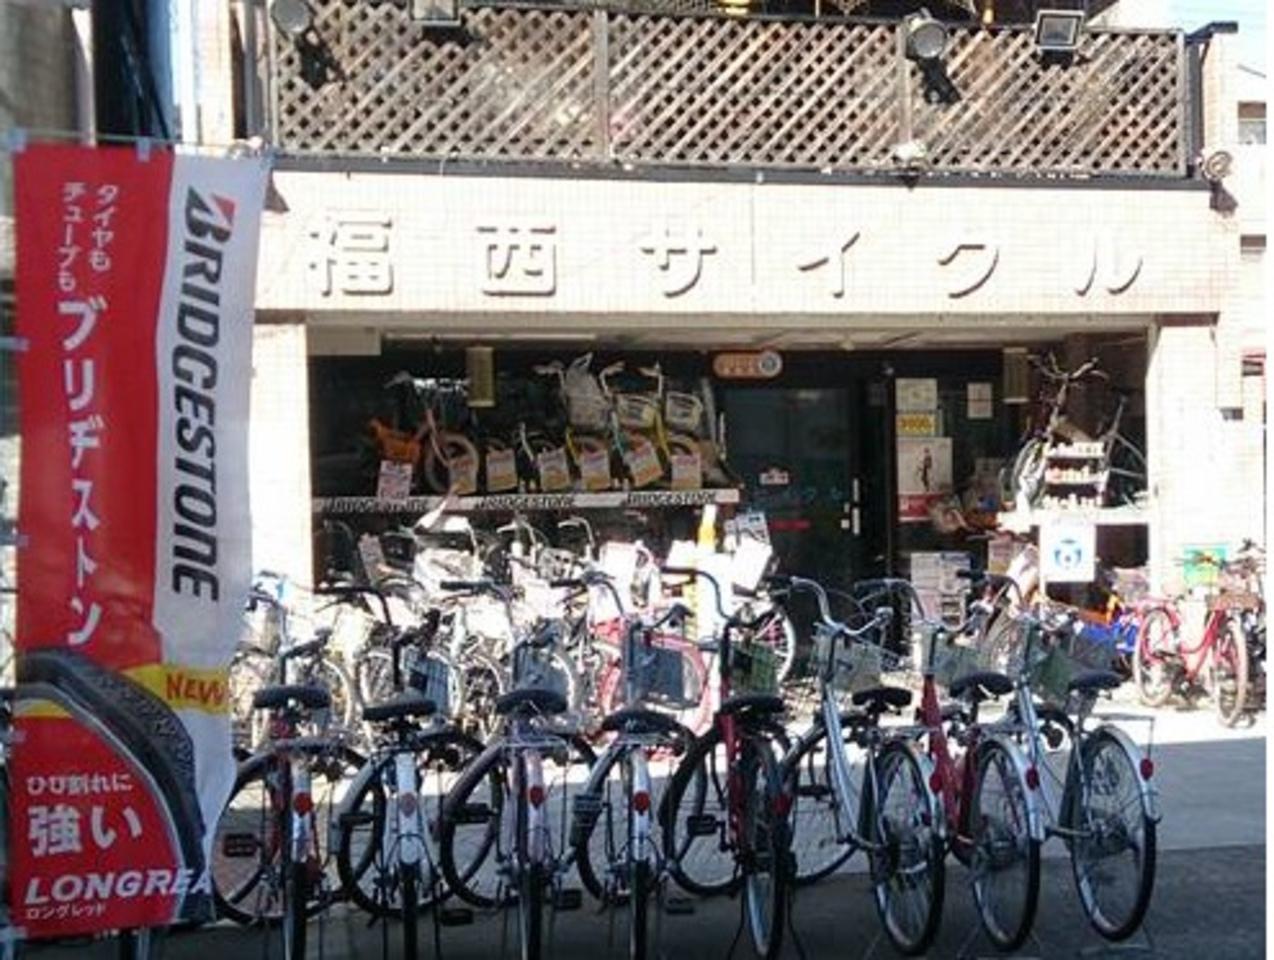 上新庄に古くからあるサイクルショップ福西サイクルさんとOS文具屋さん